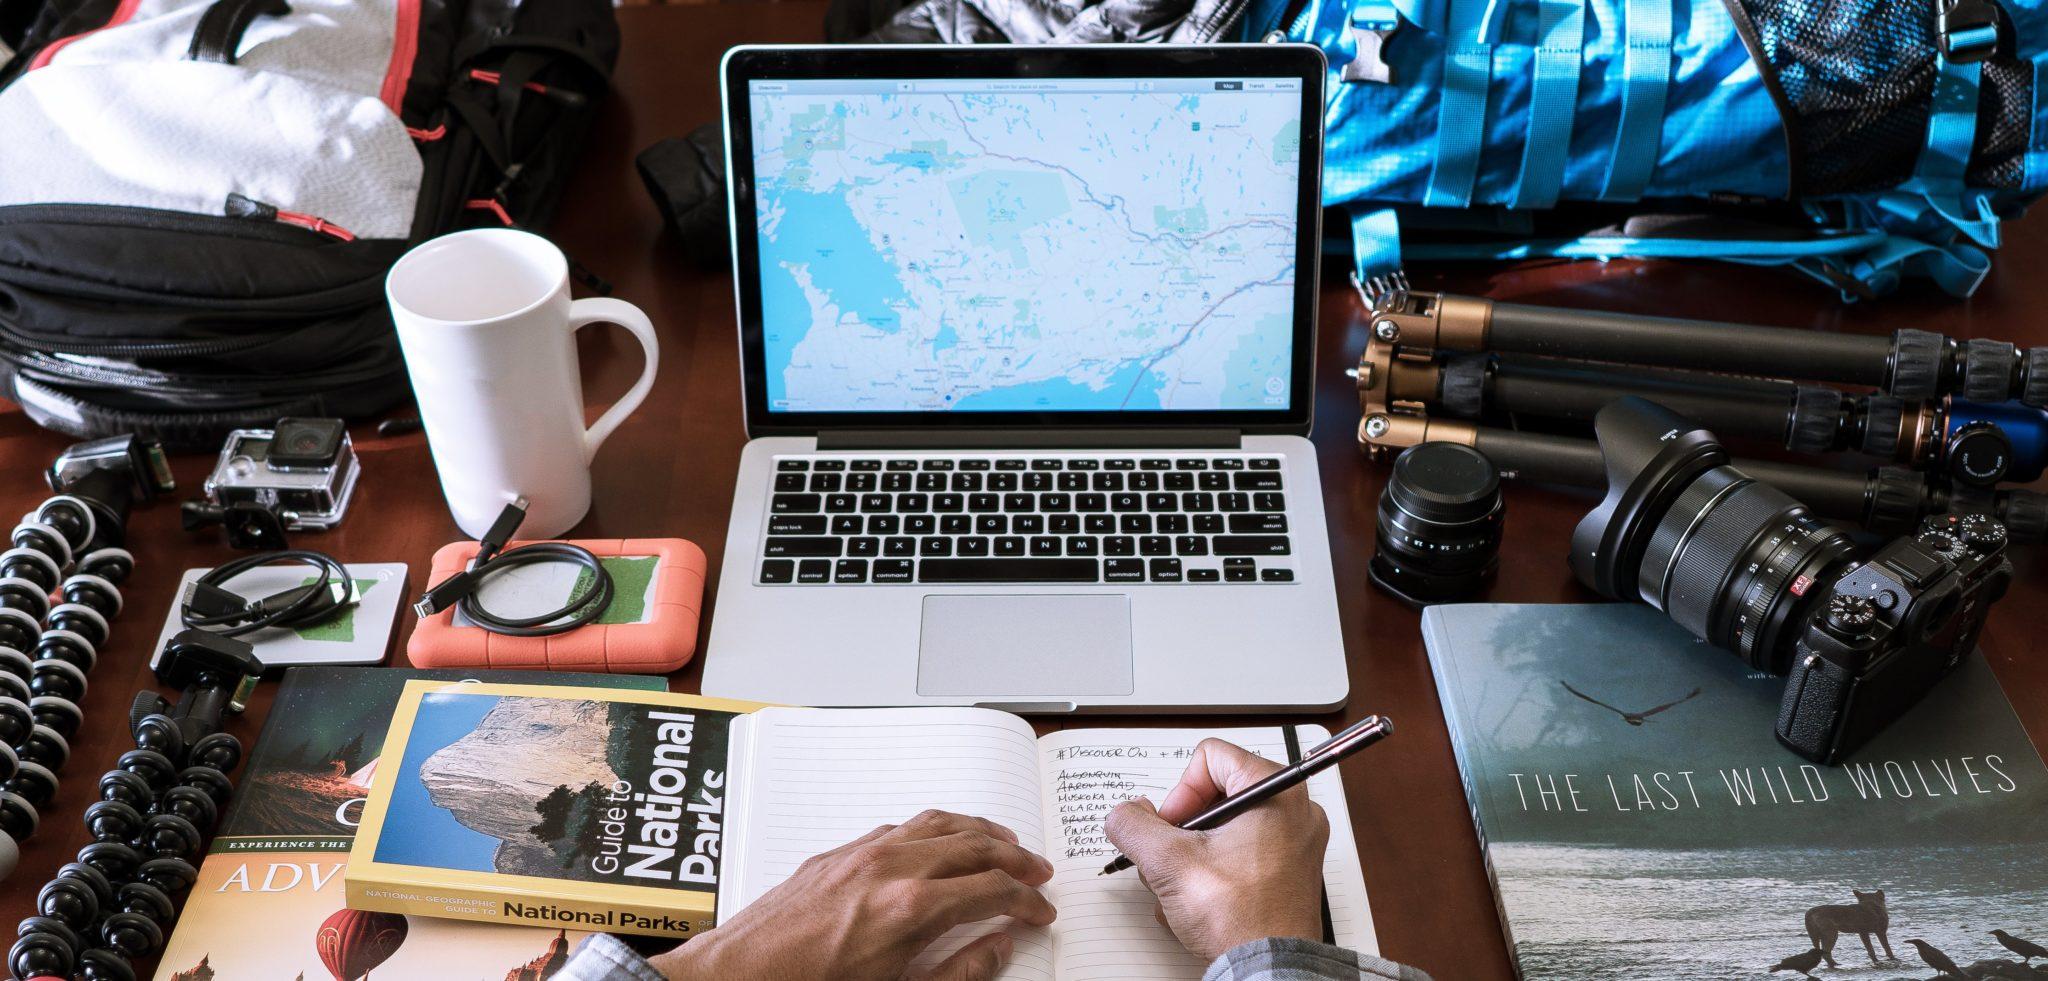 uma mesa com objetos como notebook, uma caneca, uma câmera, livros, um tripé, e no canto inferior vemos as mãos de uma pessoa escrevendo em um caderno